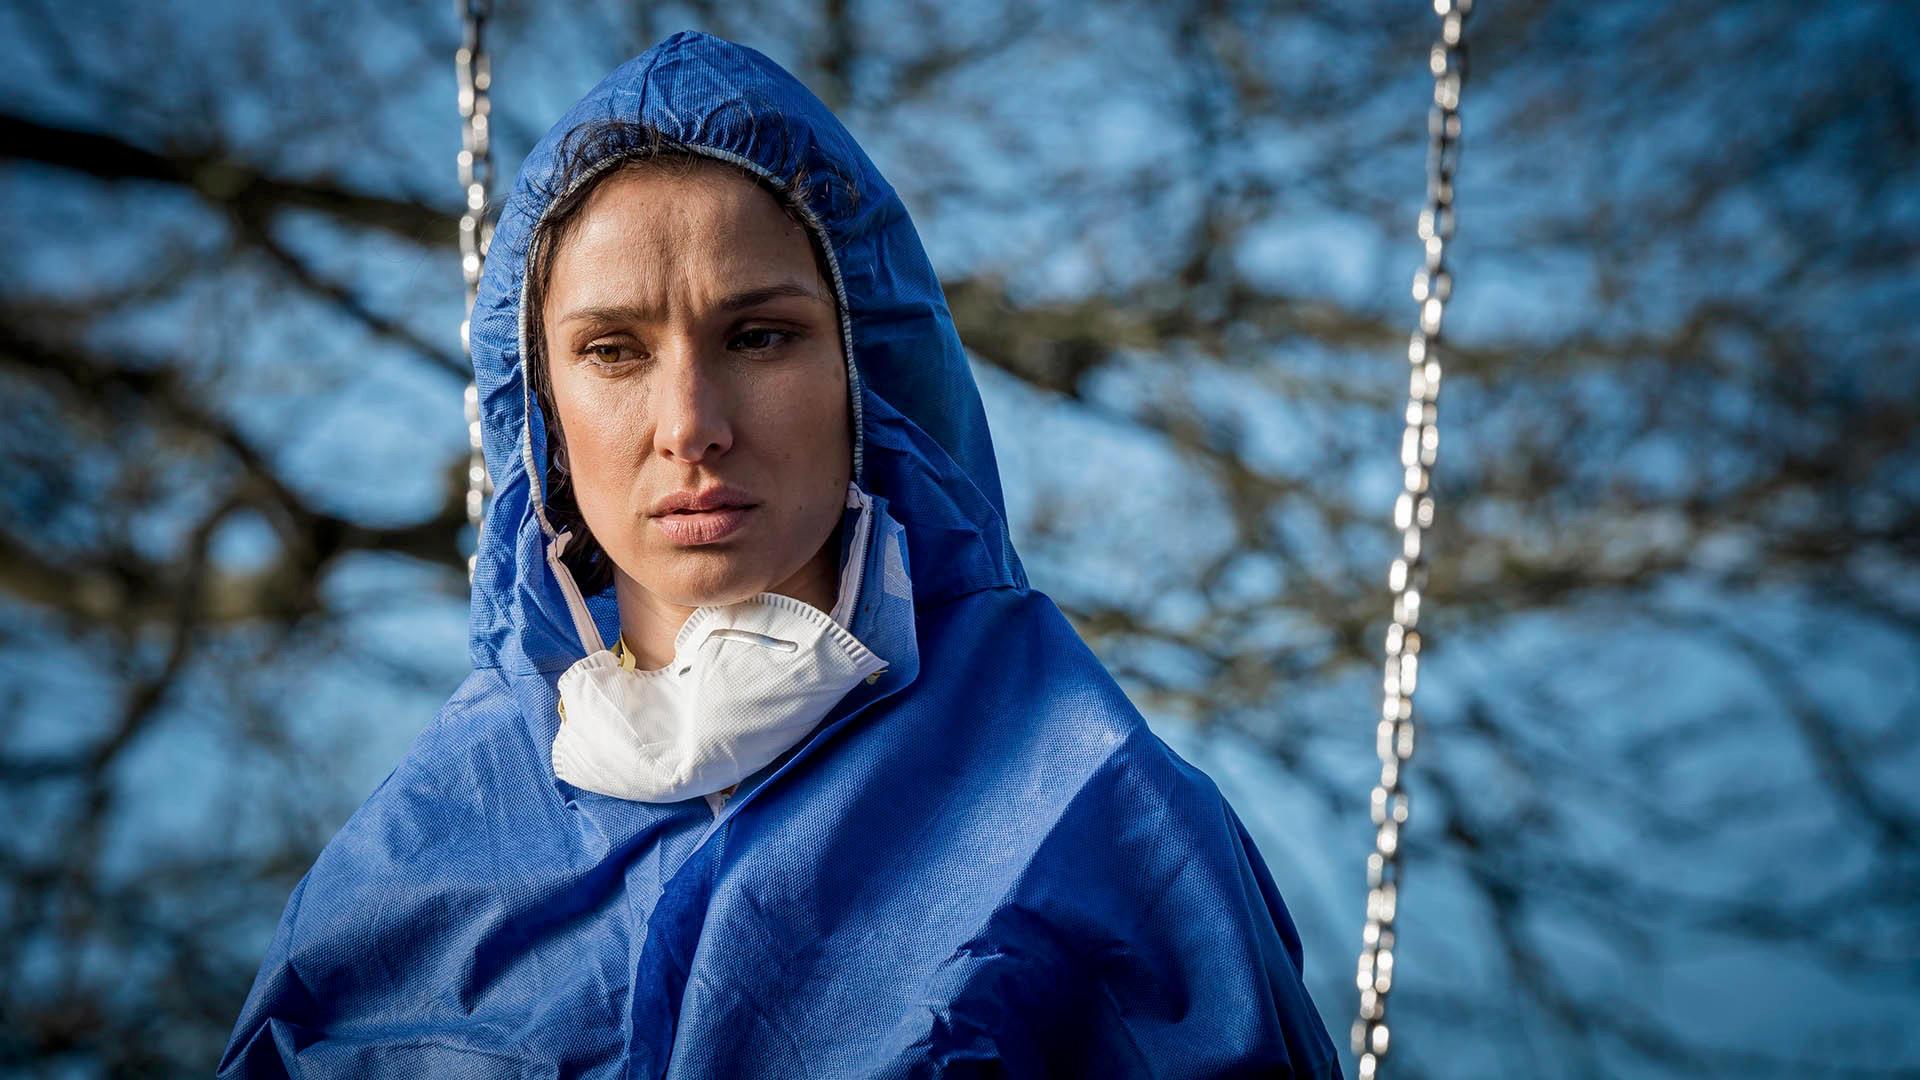 Series 1, Episode 2 Summary - Paranoid Season 1, Episode 2 Episode Guide